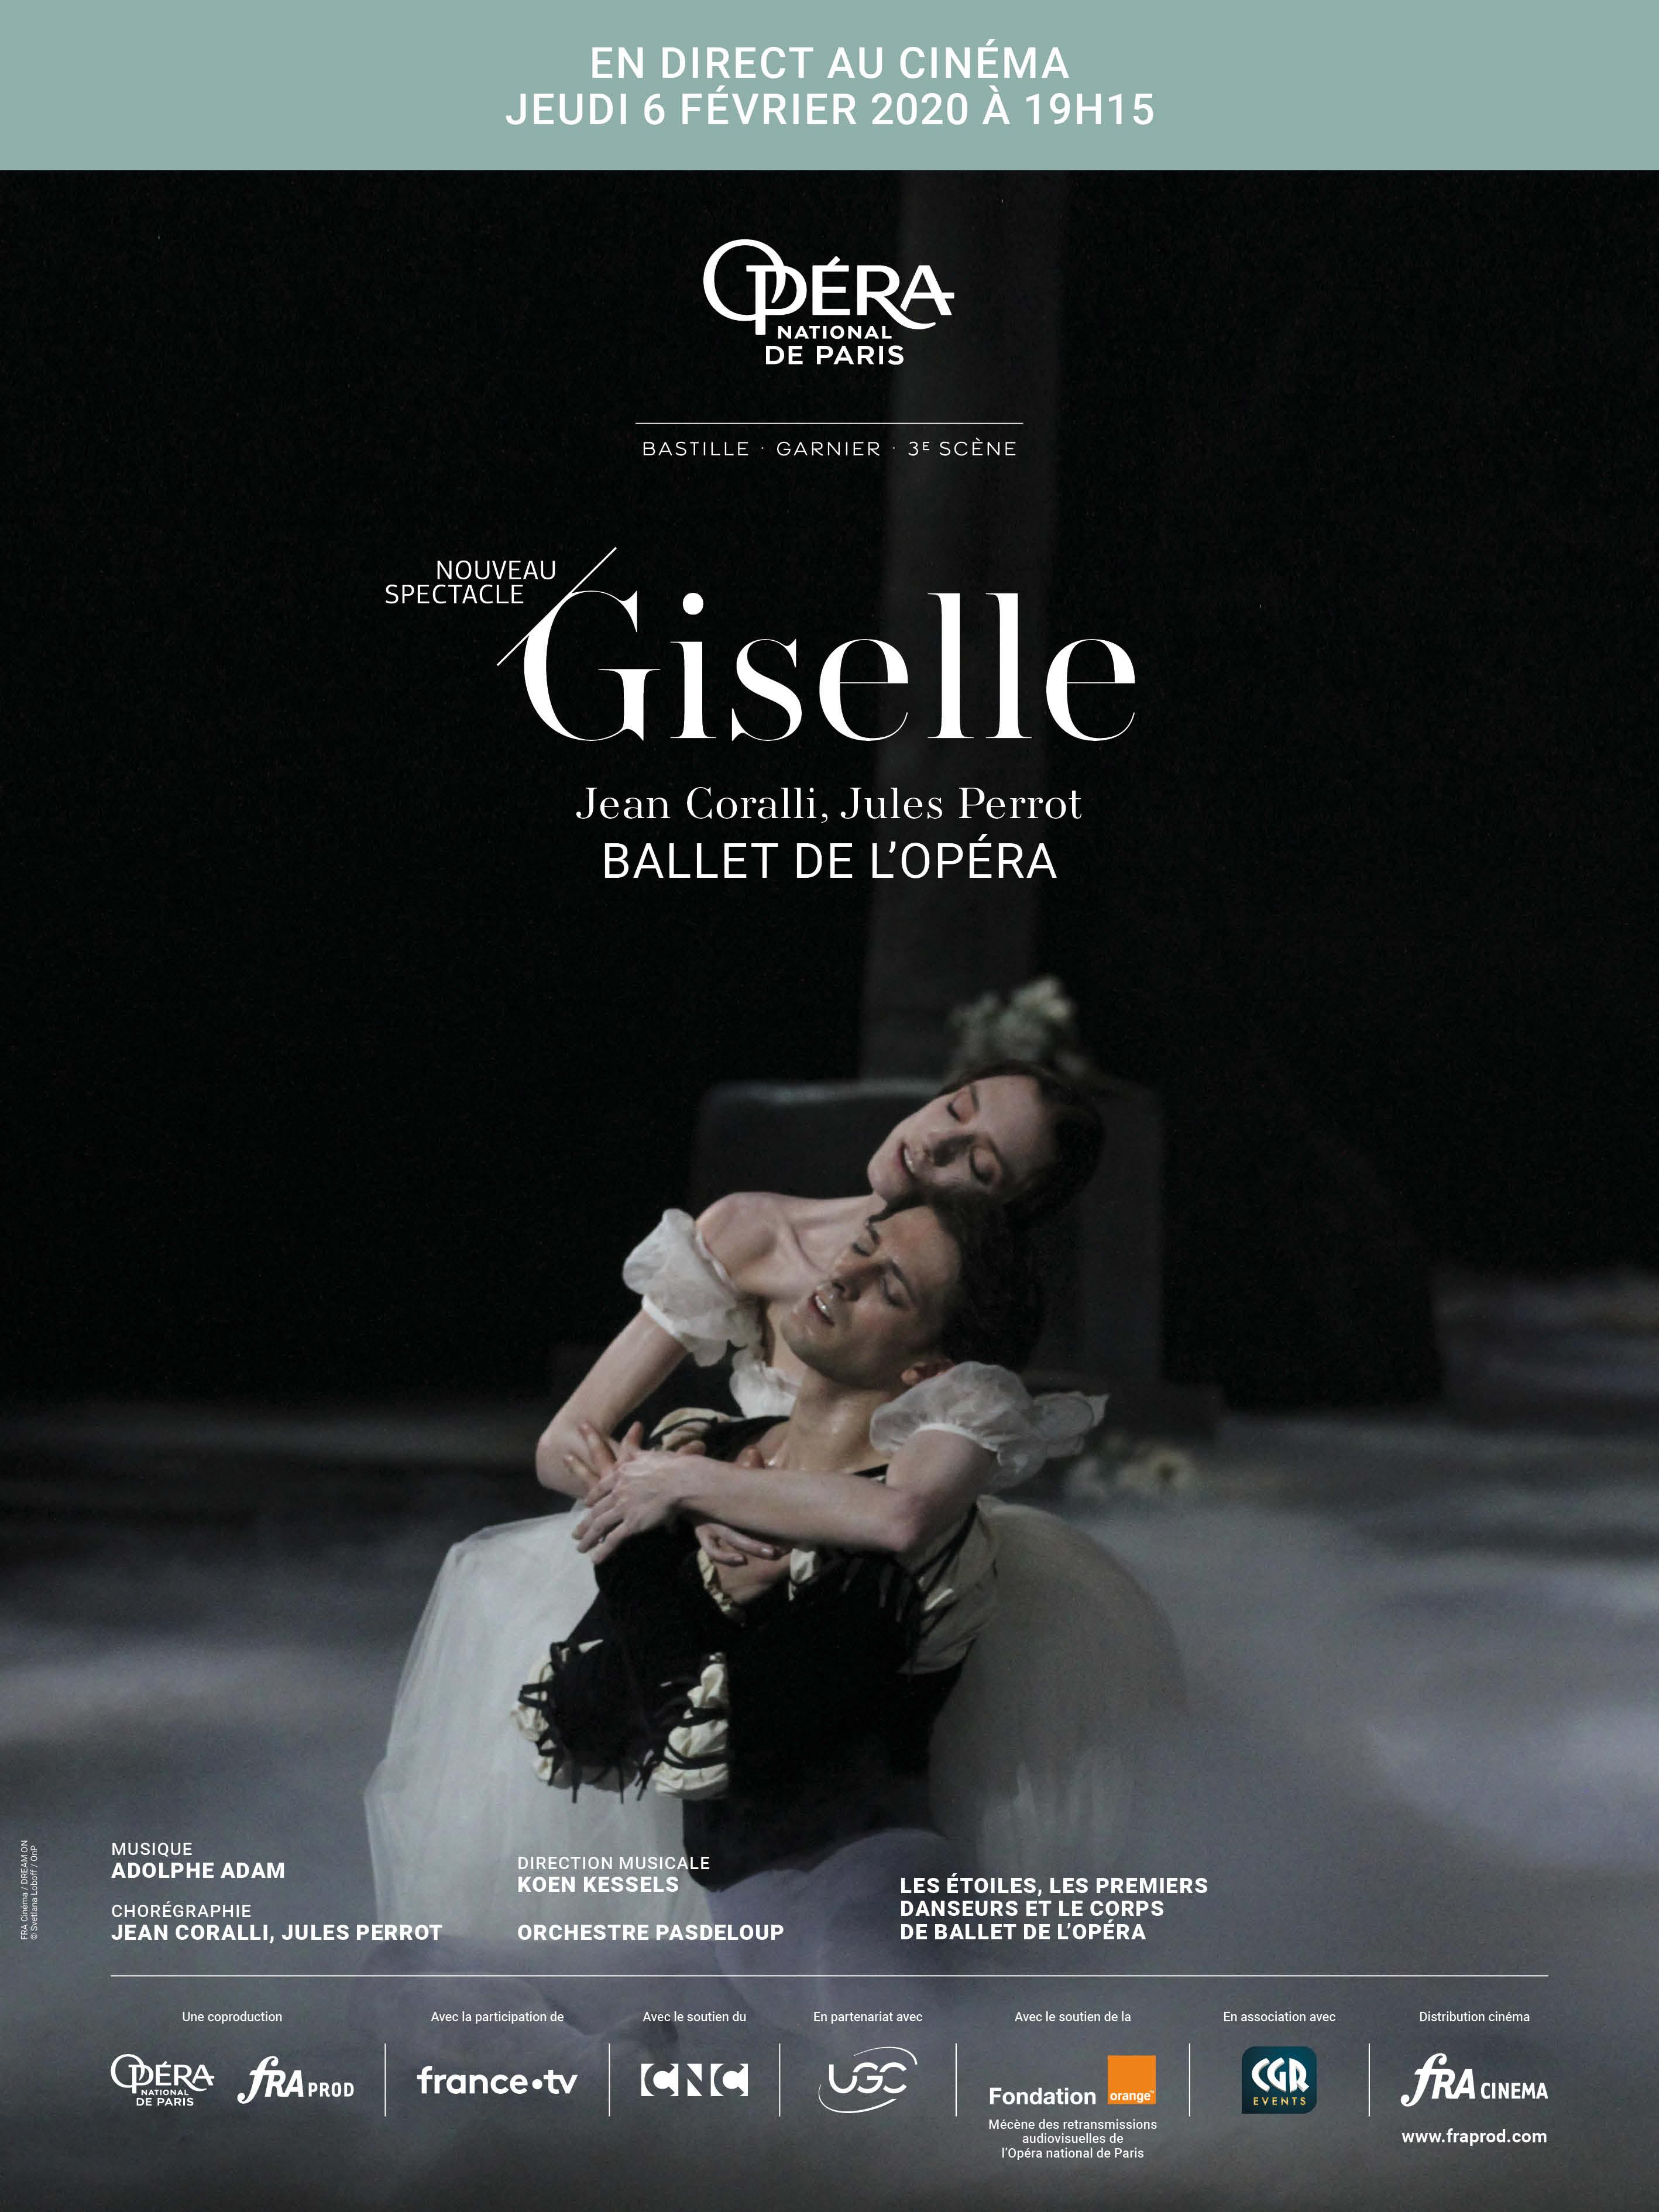 Image du film Giselle (Opéra de Paris-FRA Cinéma)